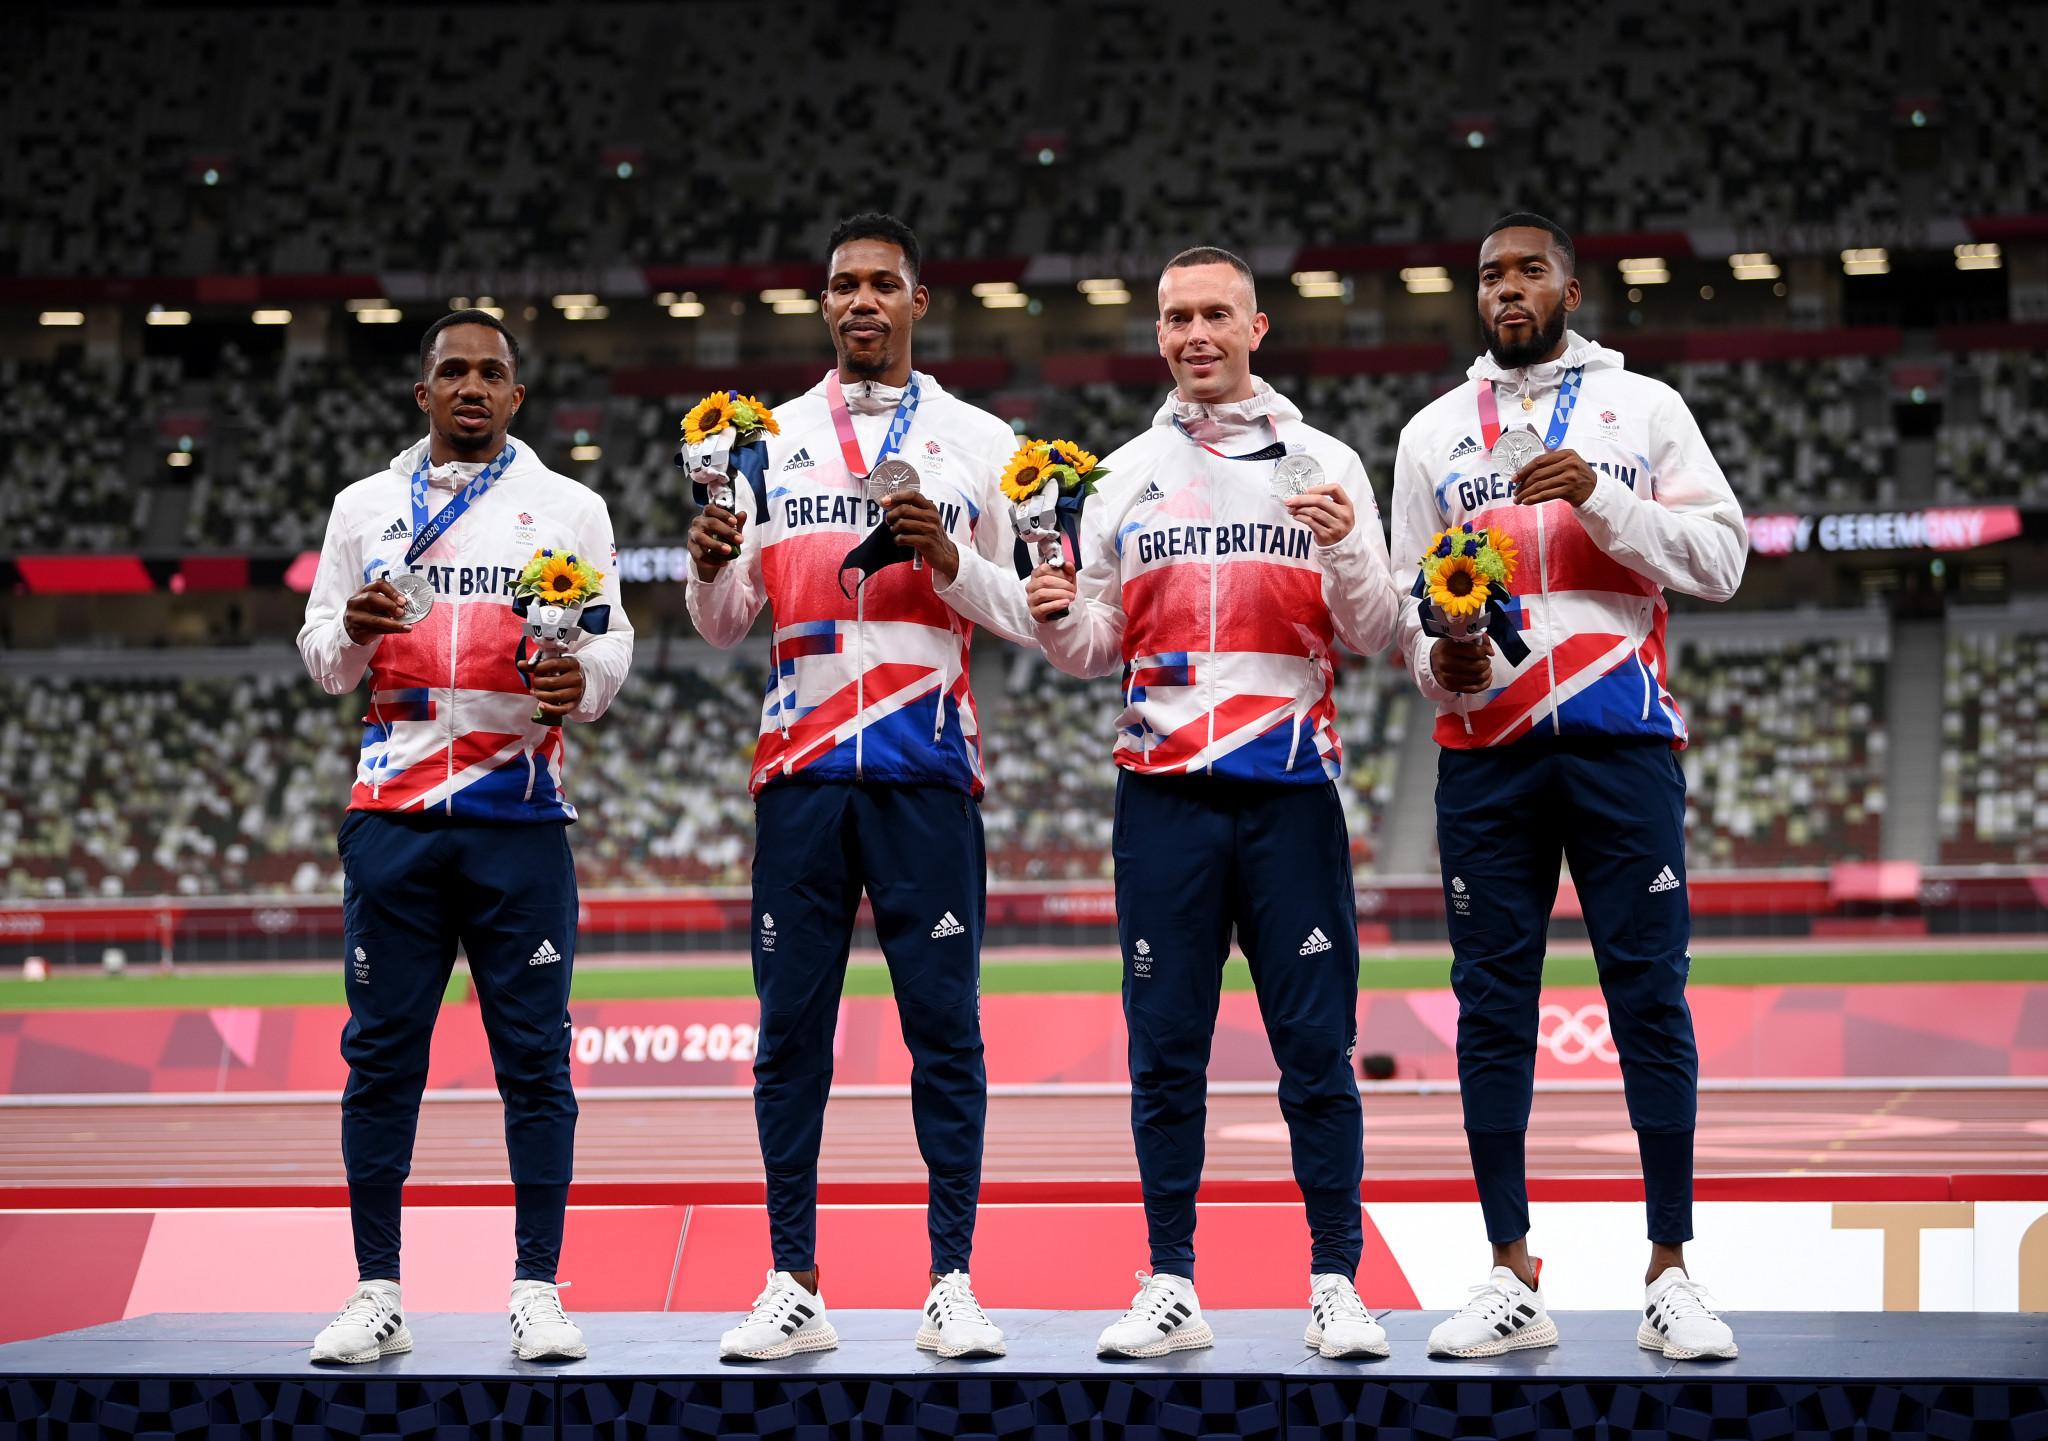 Medalla de plata británica 4x100 de podría ser despojada por dopaje